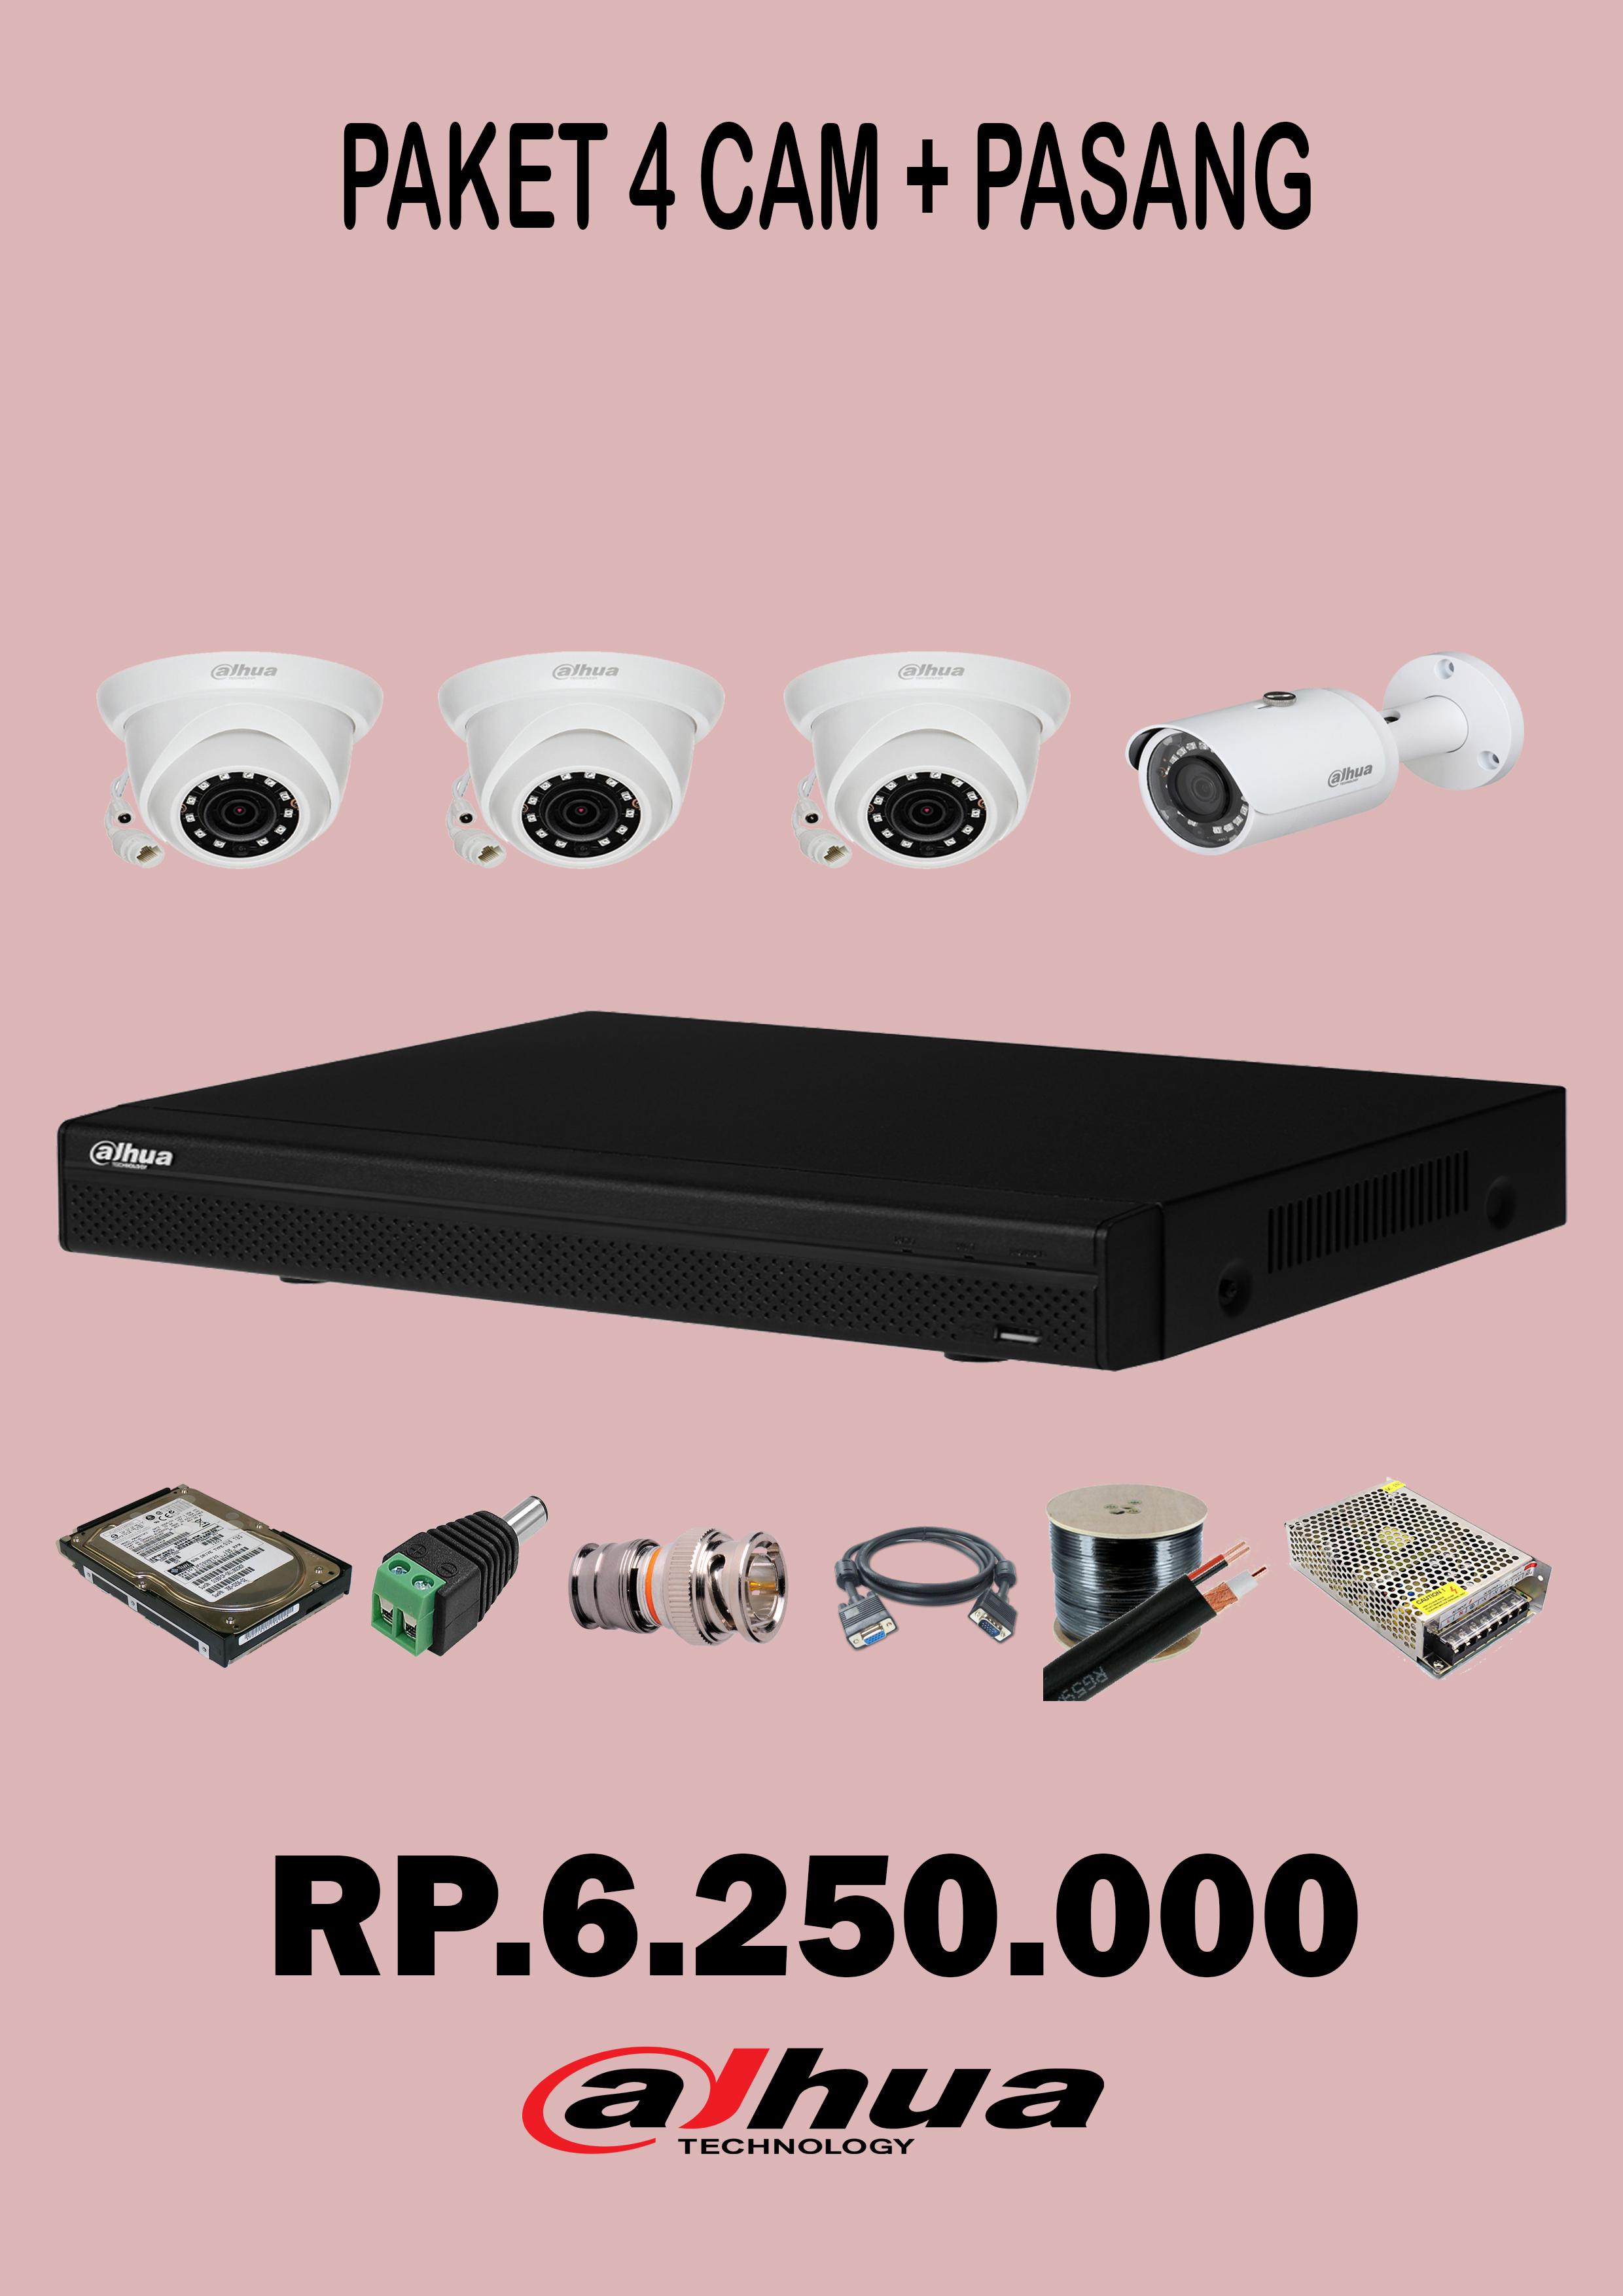 Paket 4 Camera CCTV 2 Mp + pasang